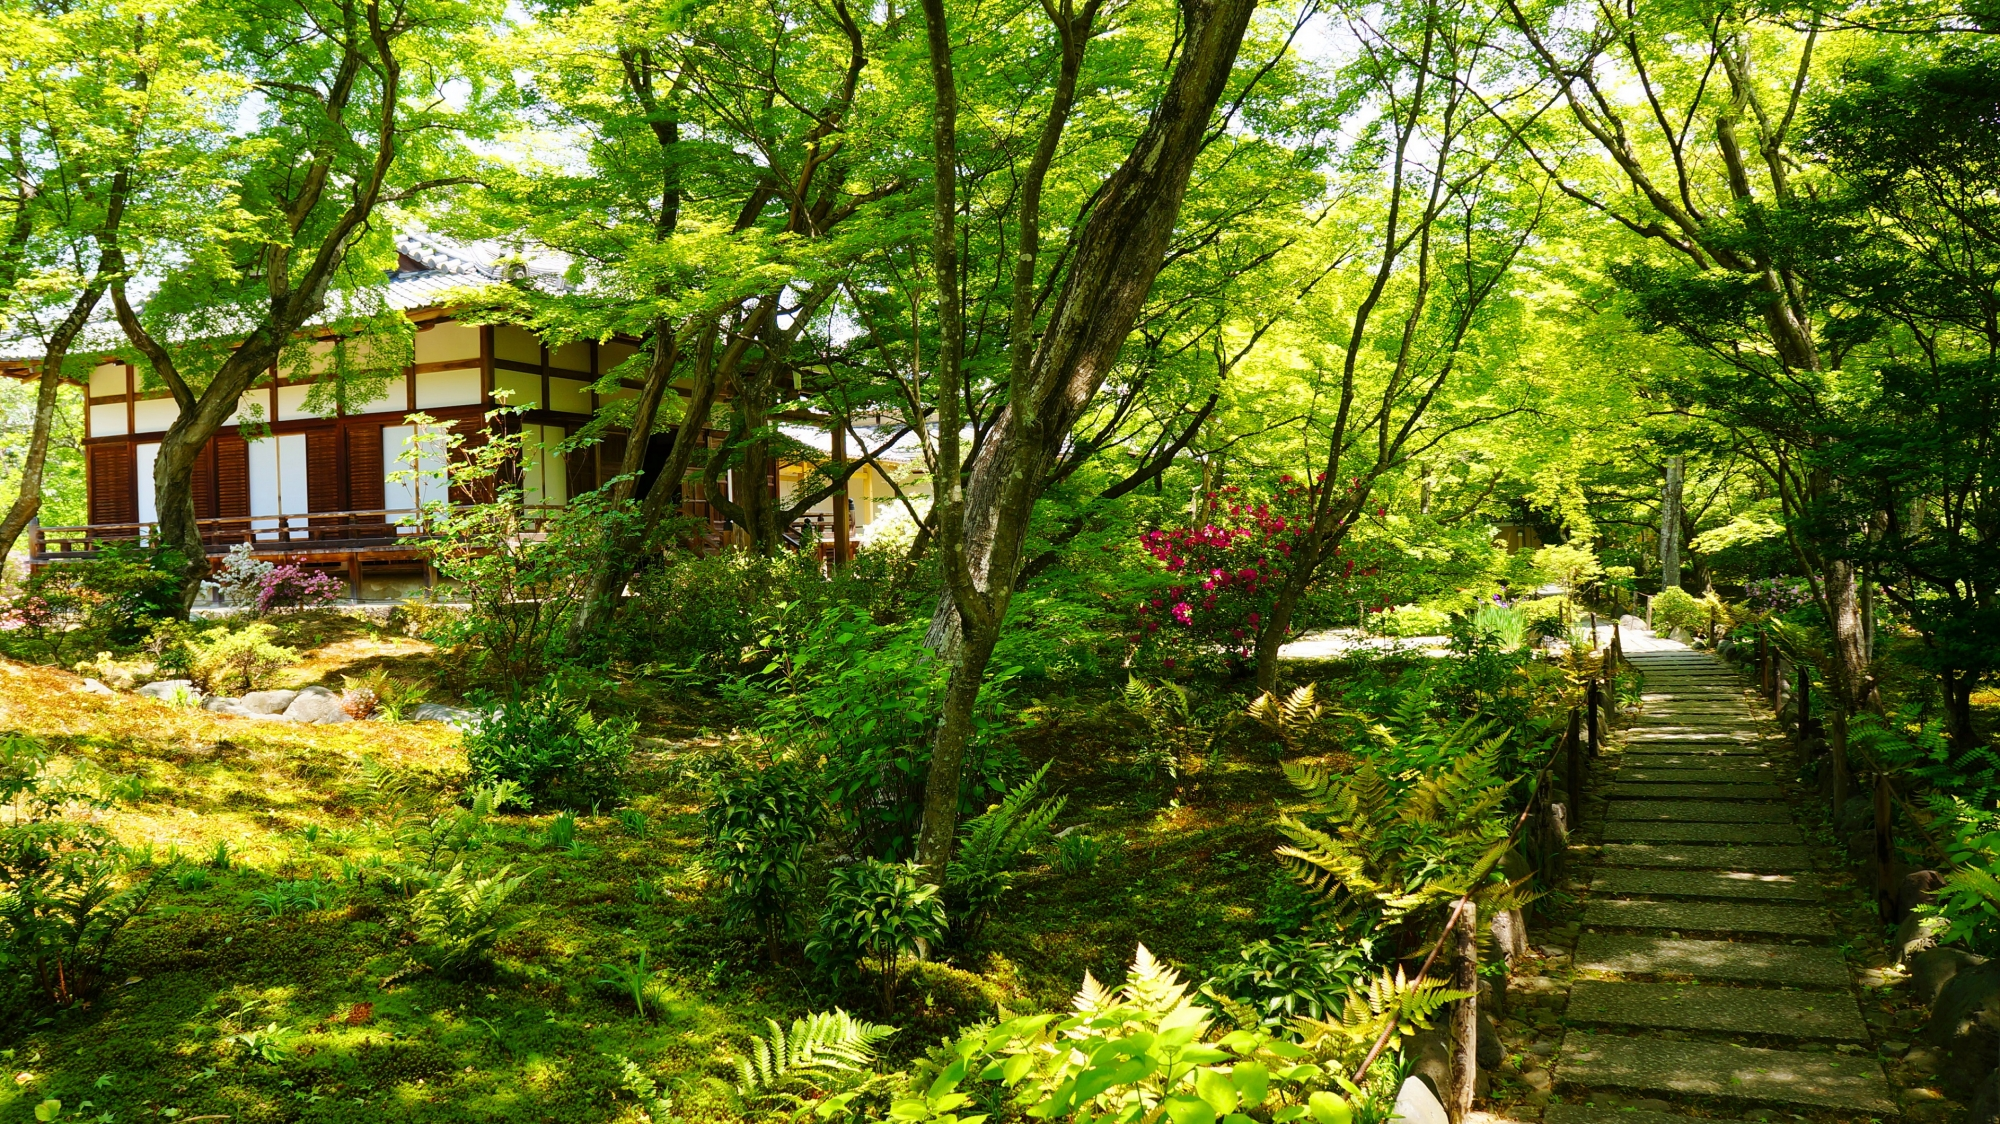 宝筐院(ほうきょういん) 新緑と青もみじ 鮮やかな緑の世界